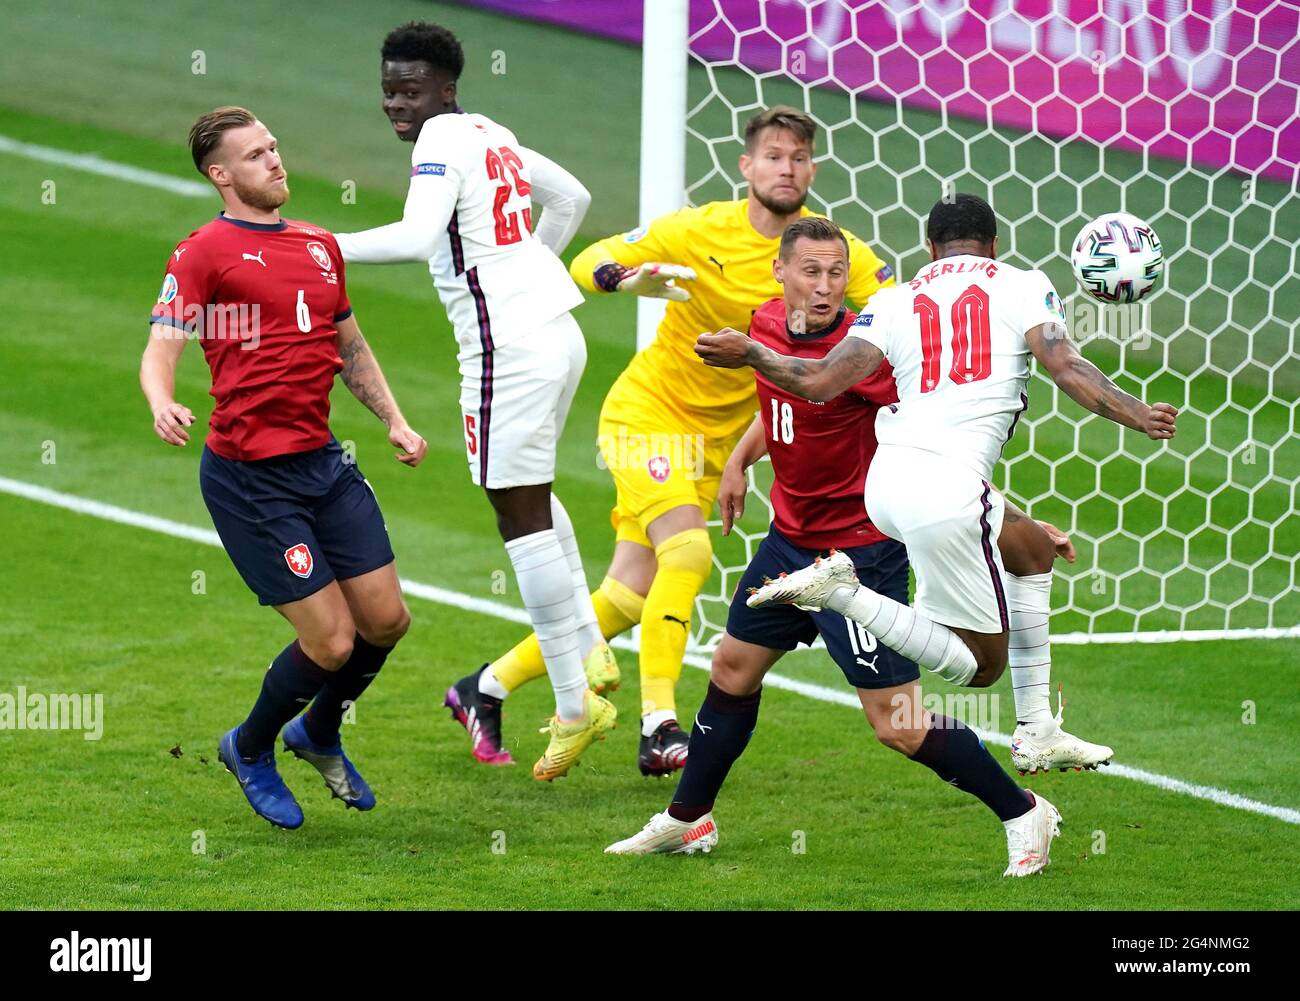 Der englische Raheem Sterling (rechts) erzielt beim UEFA Euro 2020-Spiel der Gruppe D im Wembley Stadium, London, das erste Tor des Spiels seiner Mannschaft. Bilddatum: Dienstag, 22. Juni 2021. Stockfoto